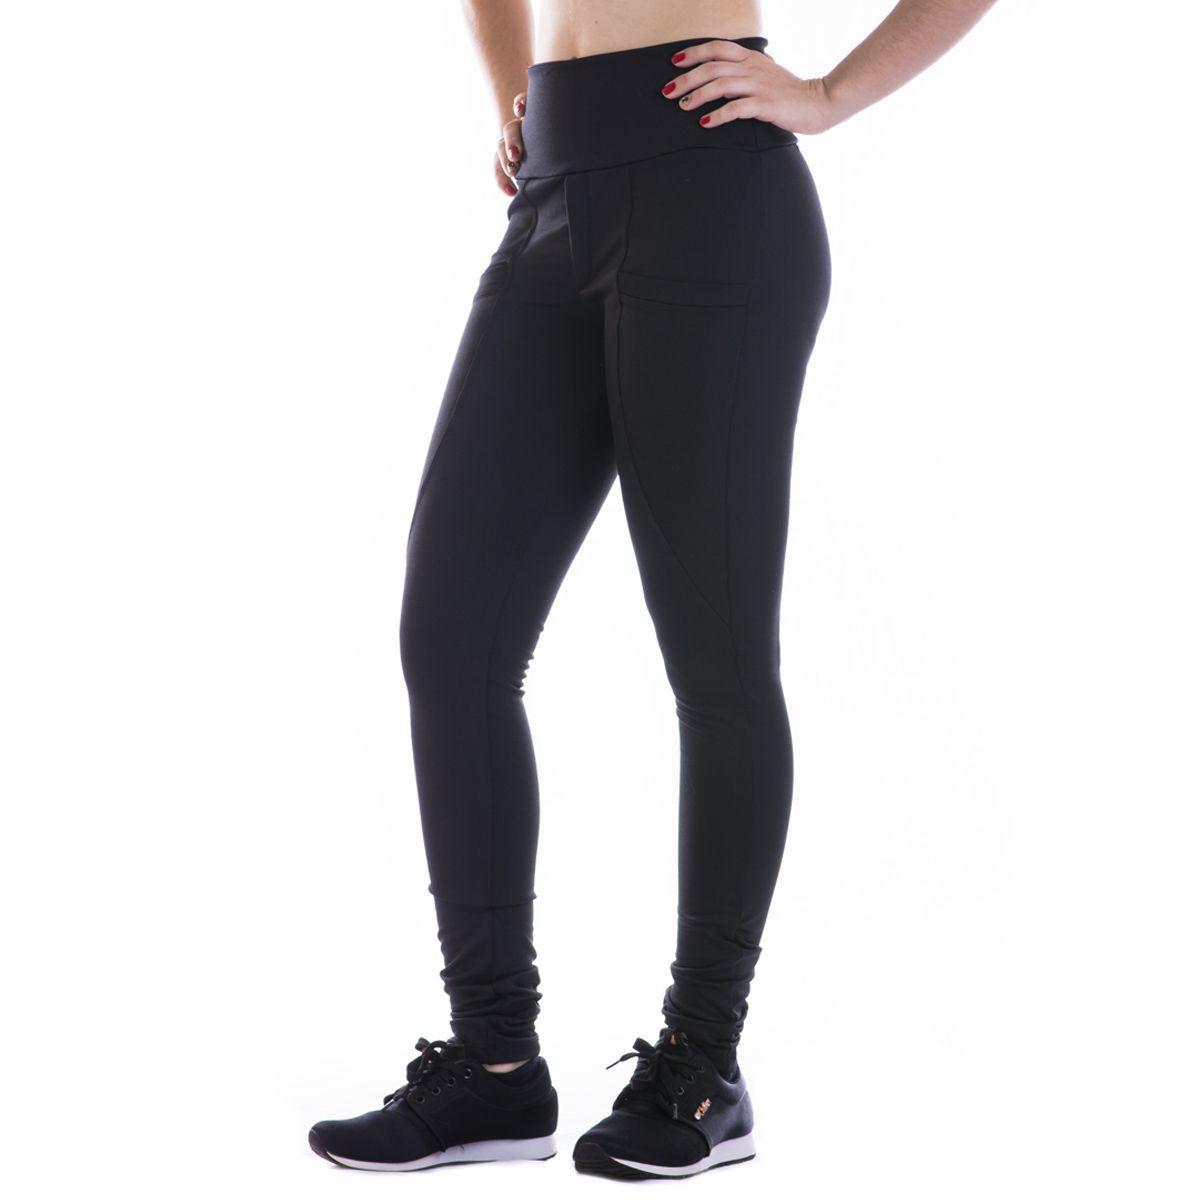 Calça feminina Legging Peluciada com bolso frontal Dicors